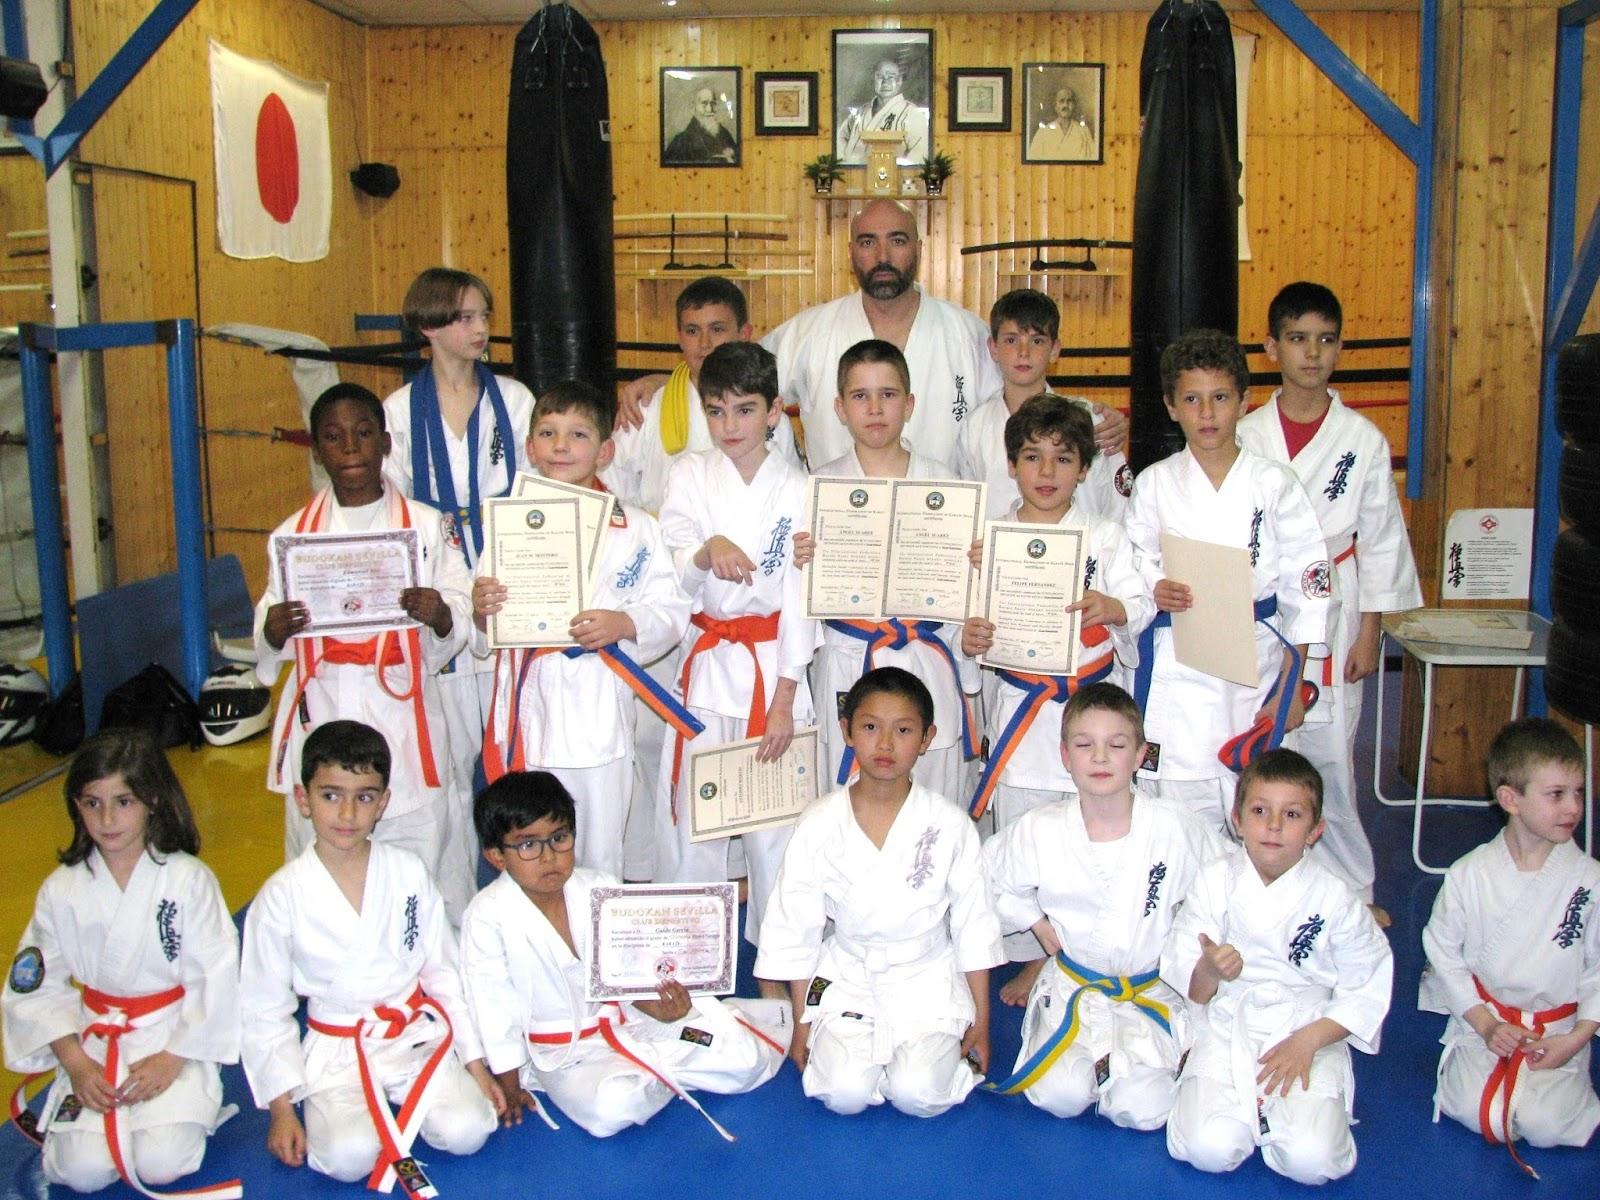 Budokan blog de artes marciales foto entrega de grados - Artes marciales sevilla ...